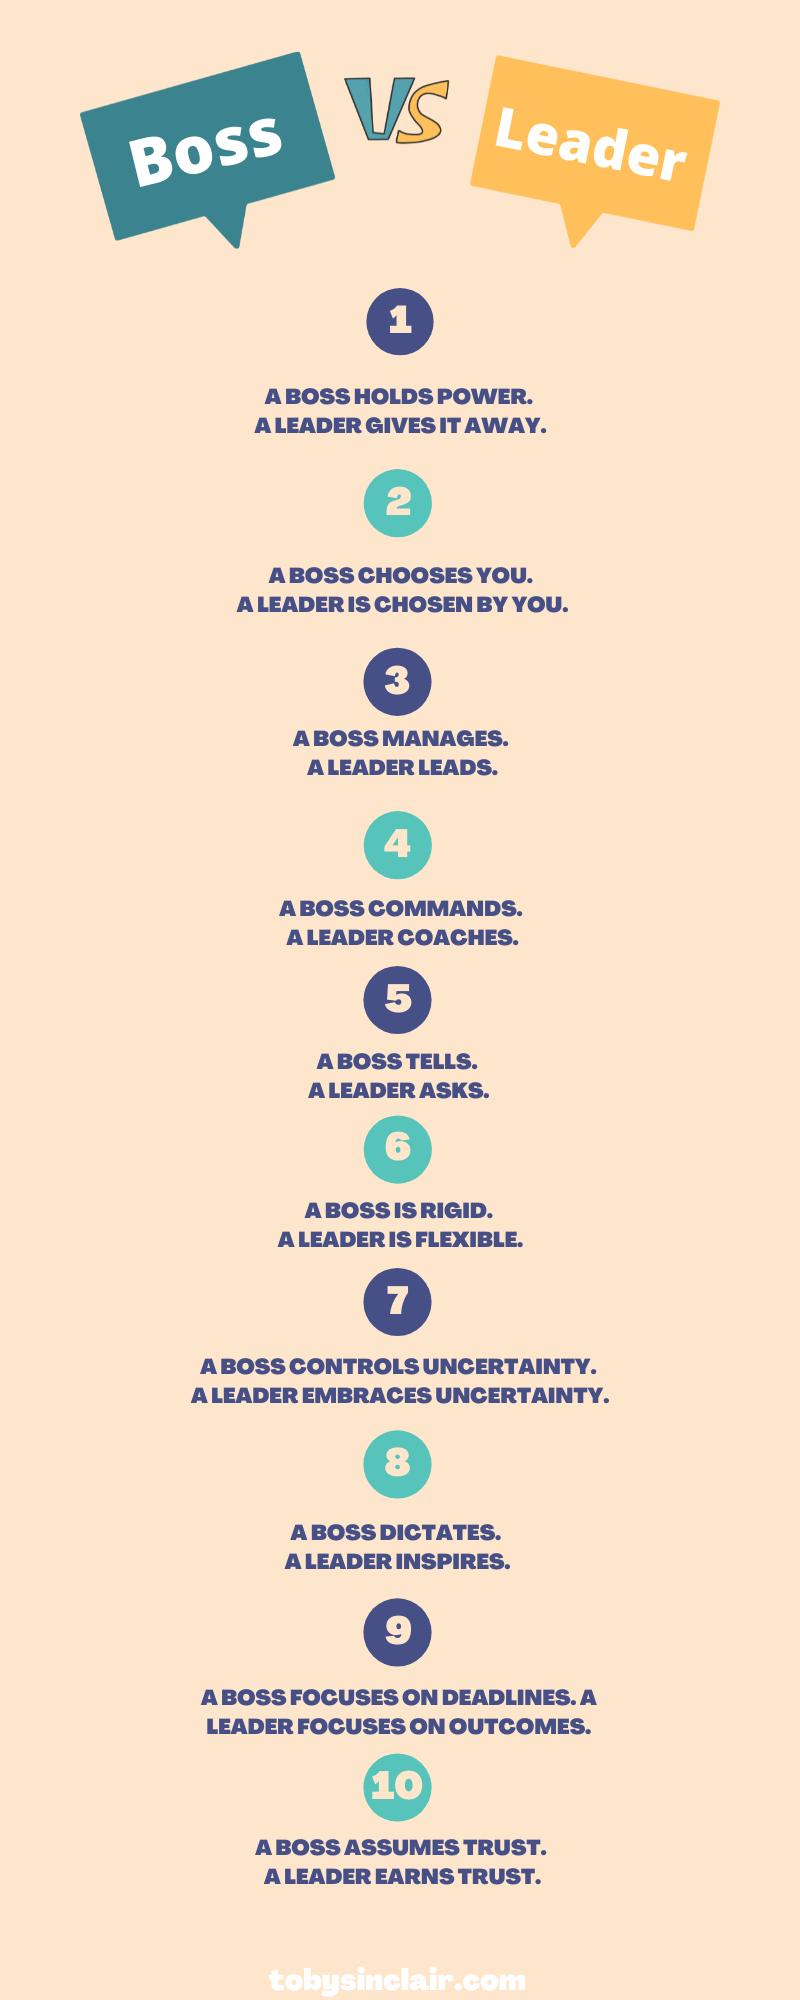 Boss vs Leader Infographic